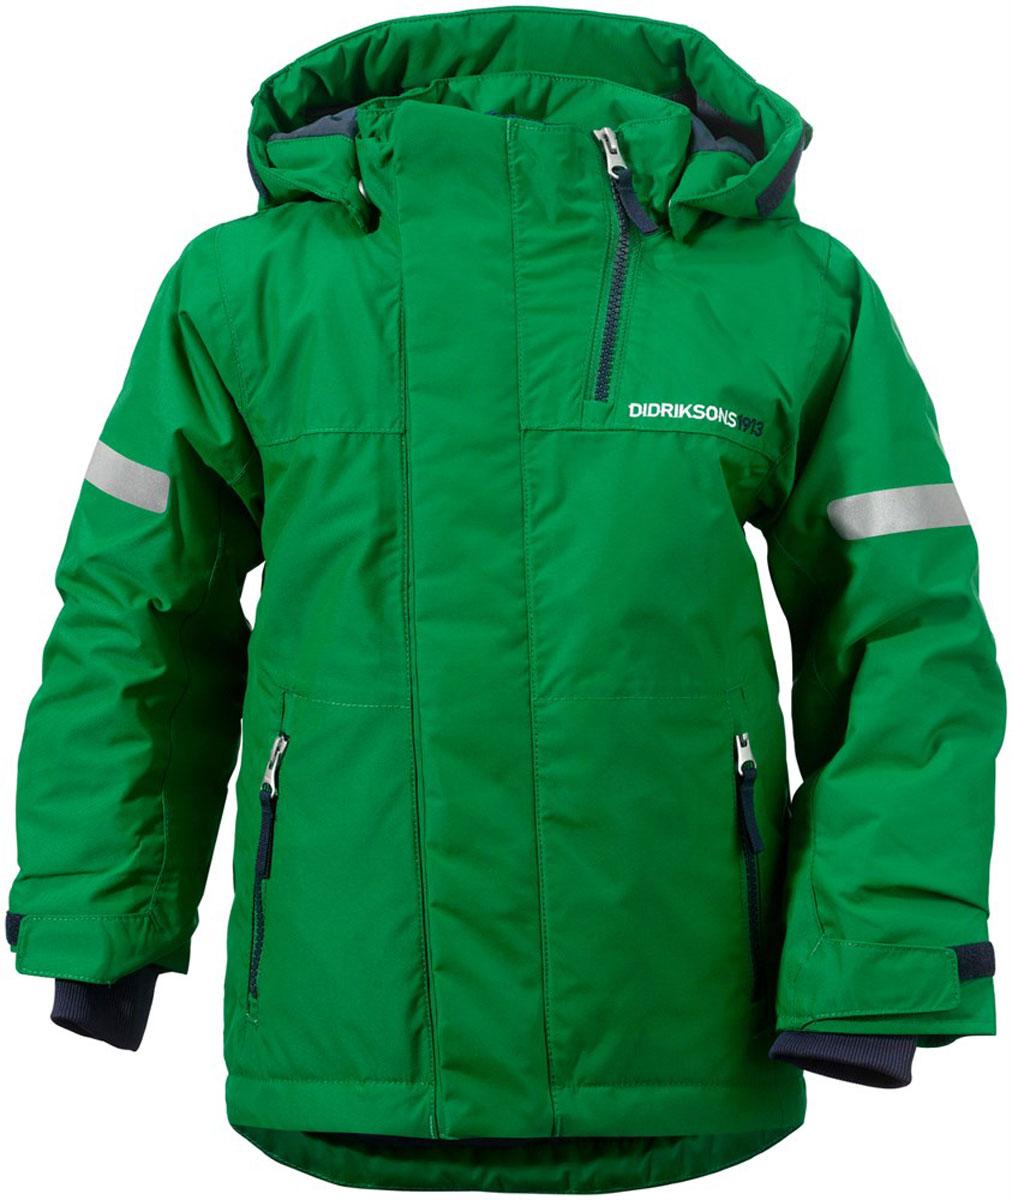 Куртка детская Didriksons1913 Rovda, цвет: зеленый. 501023_192. Размер 80501023_192Яркая детская куртка Didriksons1913 Rovda идеально подойдет для ребенка в прохладное время года. Куртка выполнена из непромокаемой и непродуваемой мембранной ткани. Наполнитель из синтепона надежно сохранит тепло.Куртка с воротником-стойкой и съемным капюшоном на кнопках застегивается на удобную застежку-молнию спереди и имеет ветрозащитный клапан на липучках и кнопках, объем капюшона регулируется при помощи хлястика на липучках. Воротник дополнен застежкой-молнией, которая позволяет увеличить его объем. Рукава оснащены внутренними трикотажными манжетами и хлястиками на липучках. Низ модели дополнен шнурком-кулиской со стоппером и вставкой на кнопках, дополненной силиконовой лентой, которая обеспечит надежное прилегание и защитит ребенка от ветра, попадания снега и влаги. Спереди расположены два втачных кармана на застежках-молниях. Куртка дополнена светоотражающими полосками на рукавах, спинке и капюшоне. Рассчитана на температуру от -5°С до -20°С (при соблюдении принципа многослойности).Модель растет вместе с ребенком: уникальный крой изделия позволяет при необходимости увеличить длину рукавов на один размер, распустив специальный внутренний шов.В такой куртке ваш ребенок будет чувствовать себя комфортно, уютно и всегда будет в центре внимания!